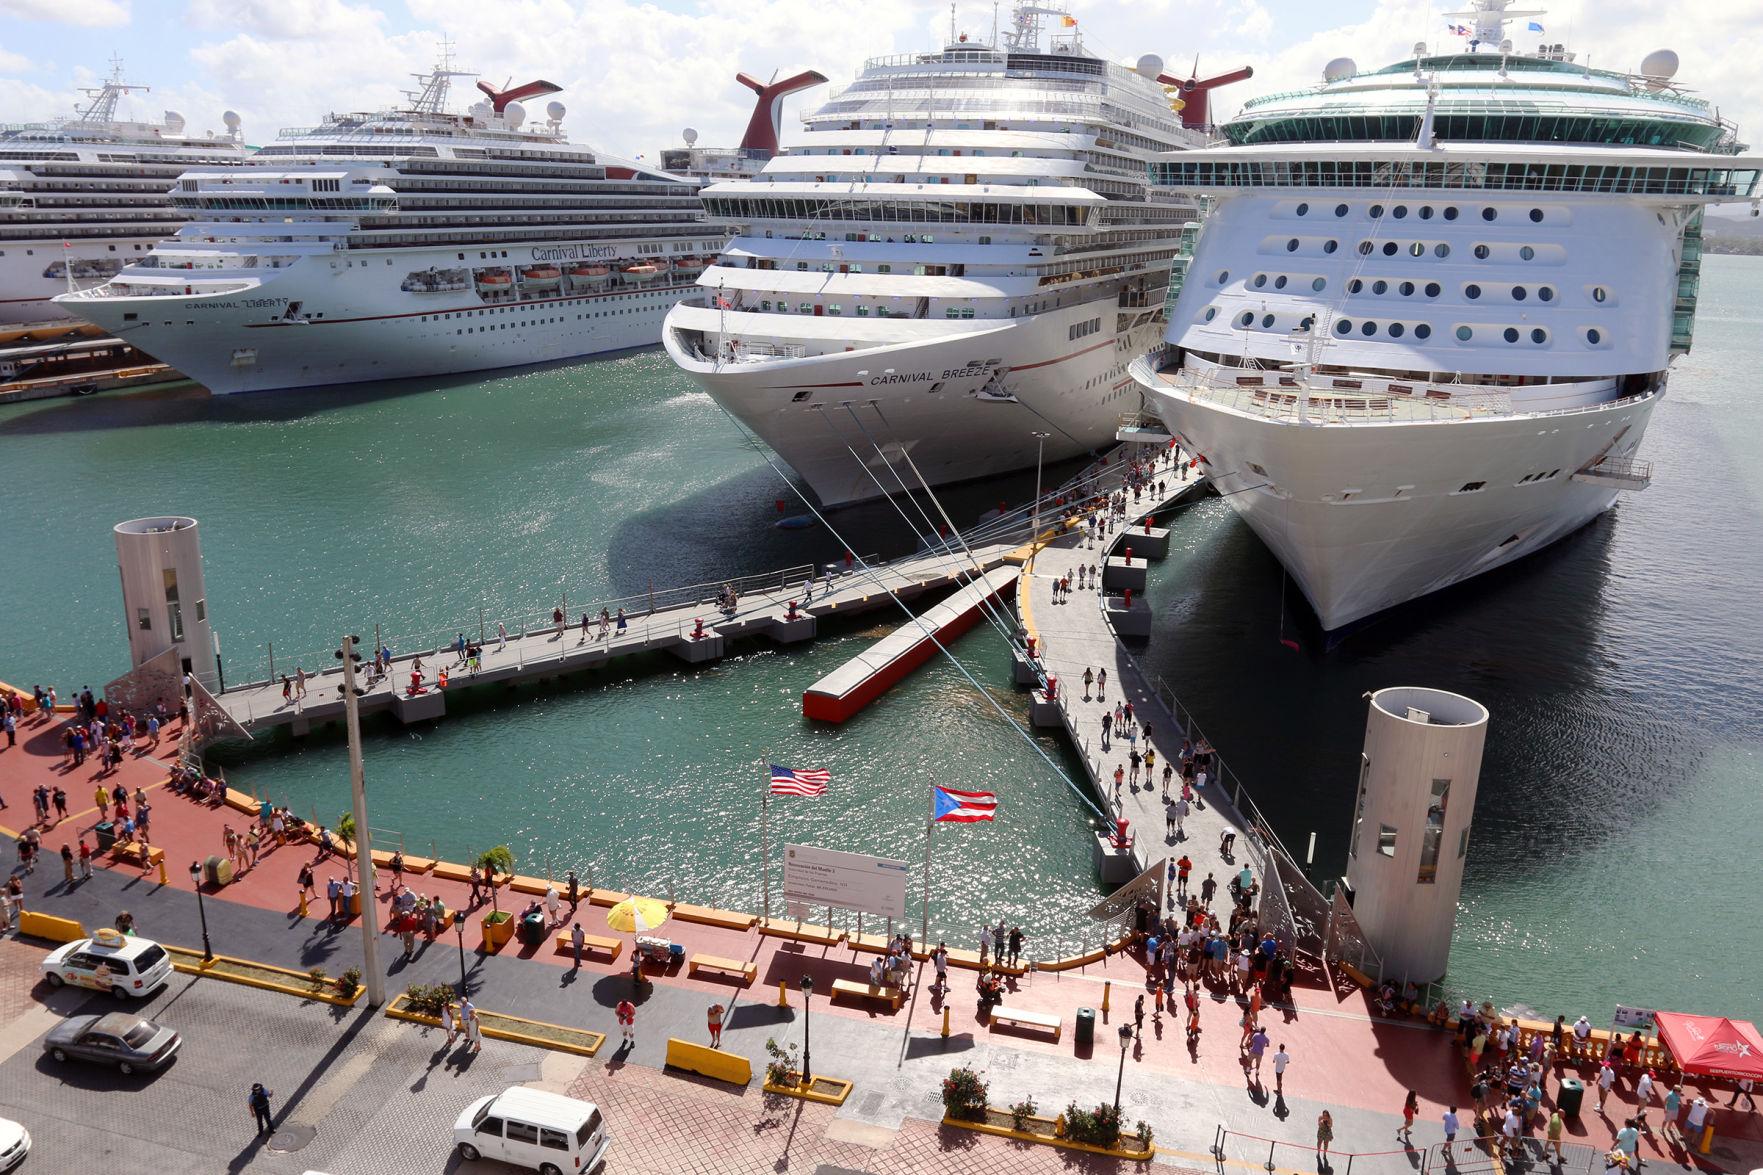 Turismo informa itinerario de cruceros en los próximos días